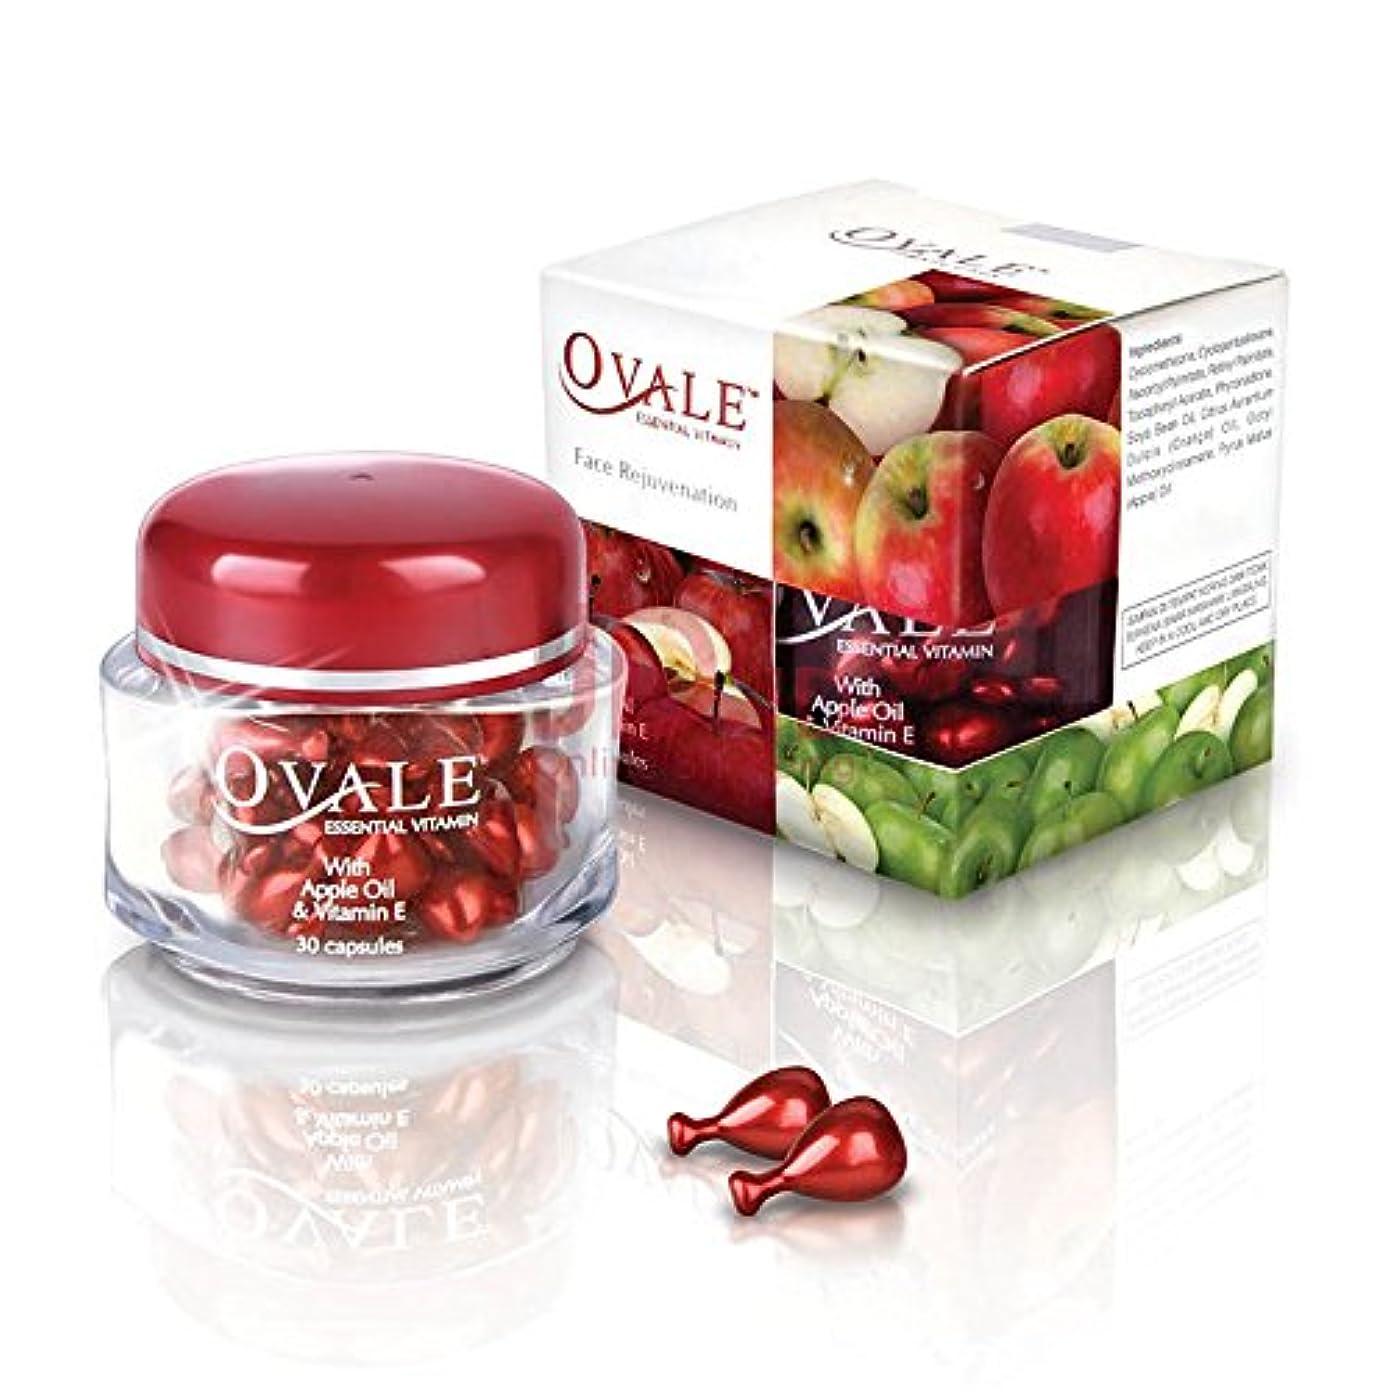 調査二十生Ovale オーバル フェイシャル美容液 essential vitamin エッセンシャルビタミン 30粒入ボトル×2個 アップル [海外直送品]